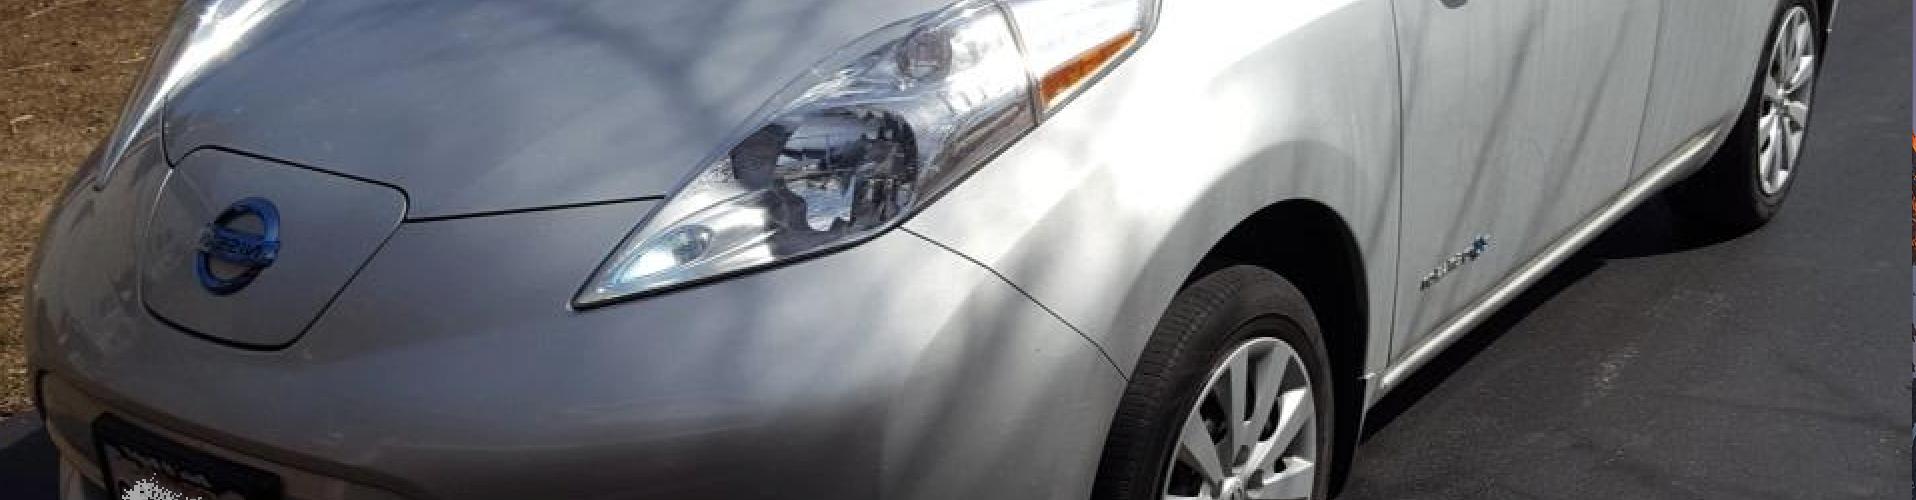 Nissan LEAF 2015 S+ 41 618 Km – 18 750 $ (seulement 16 421 $ avec subvention) – VENDU